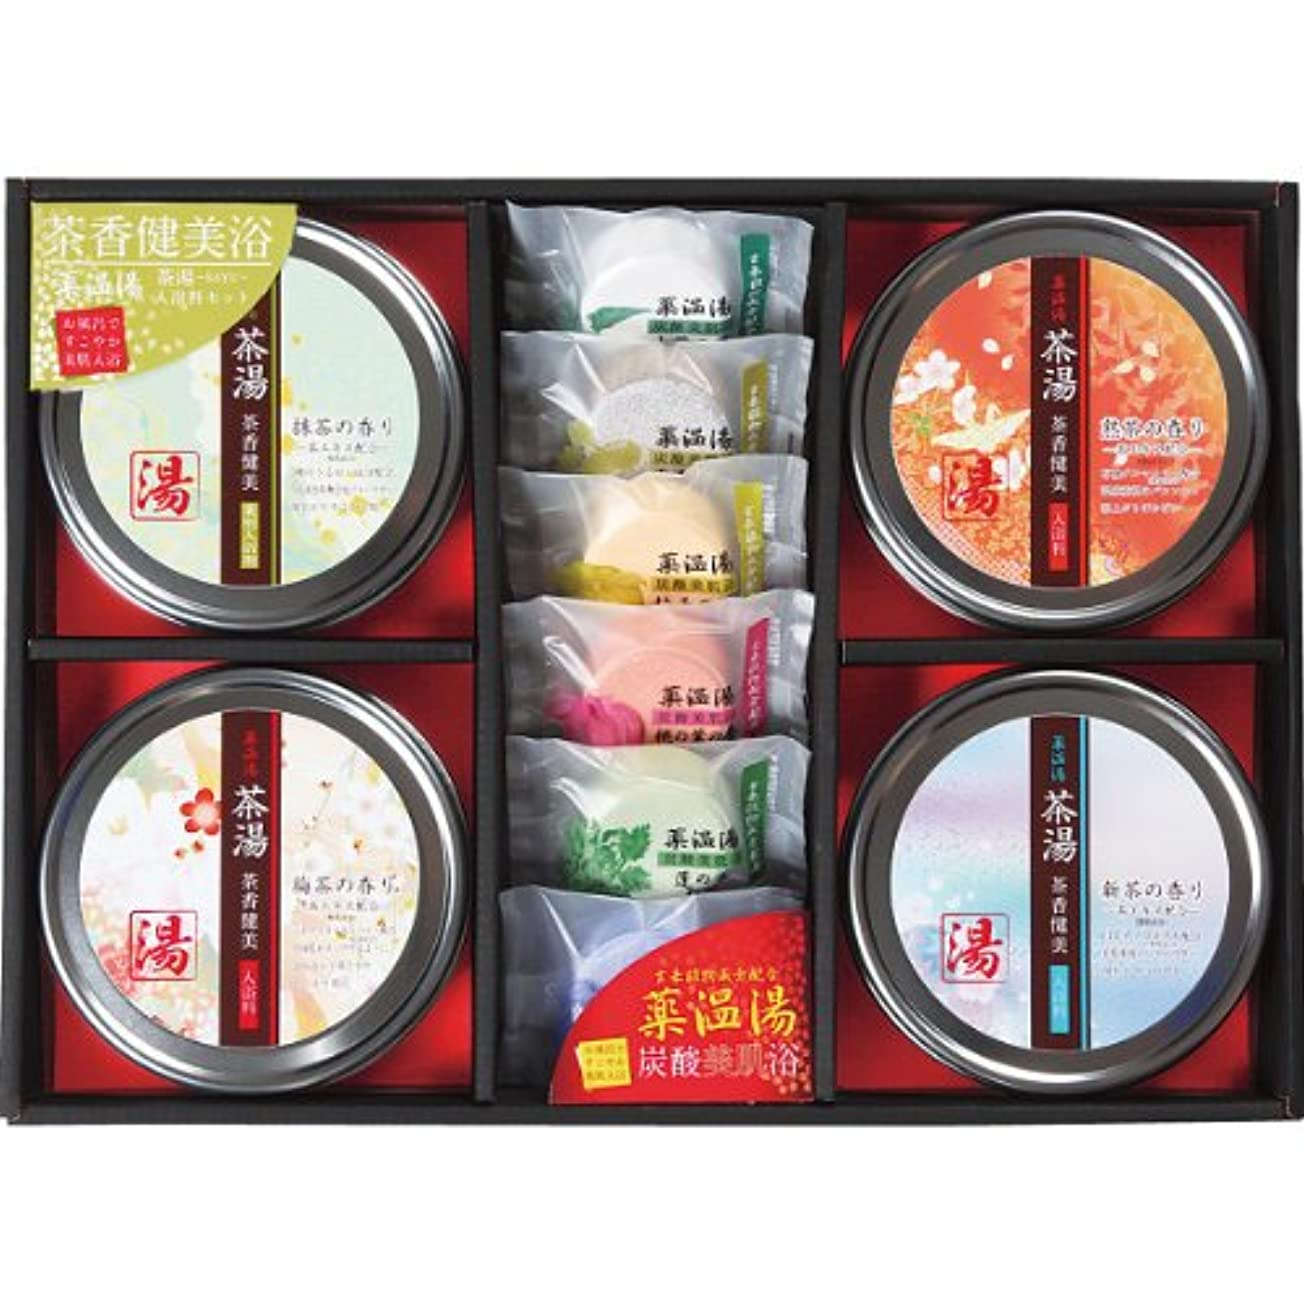 層ロデオテクトニック敬老の日 贈り物 薬温湯 茶湯ギフトセット(SD)